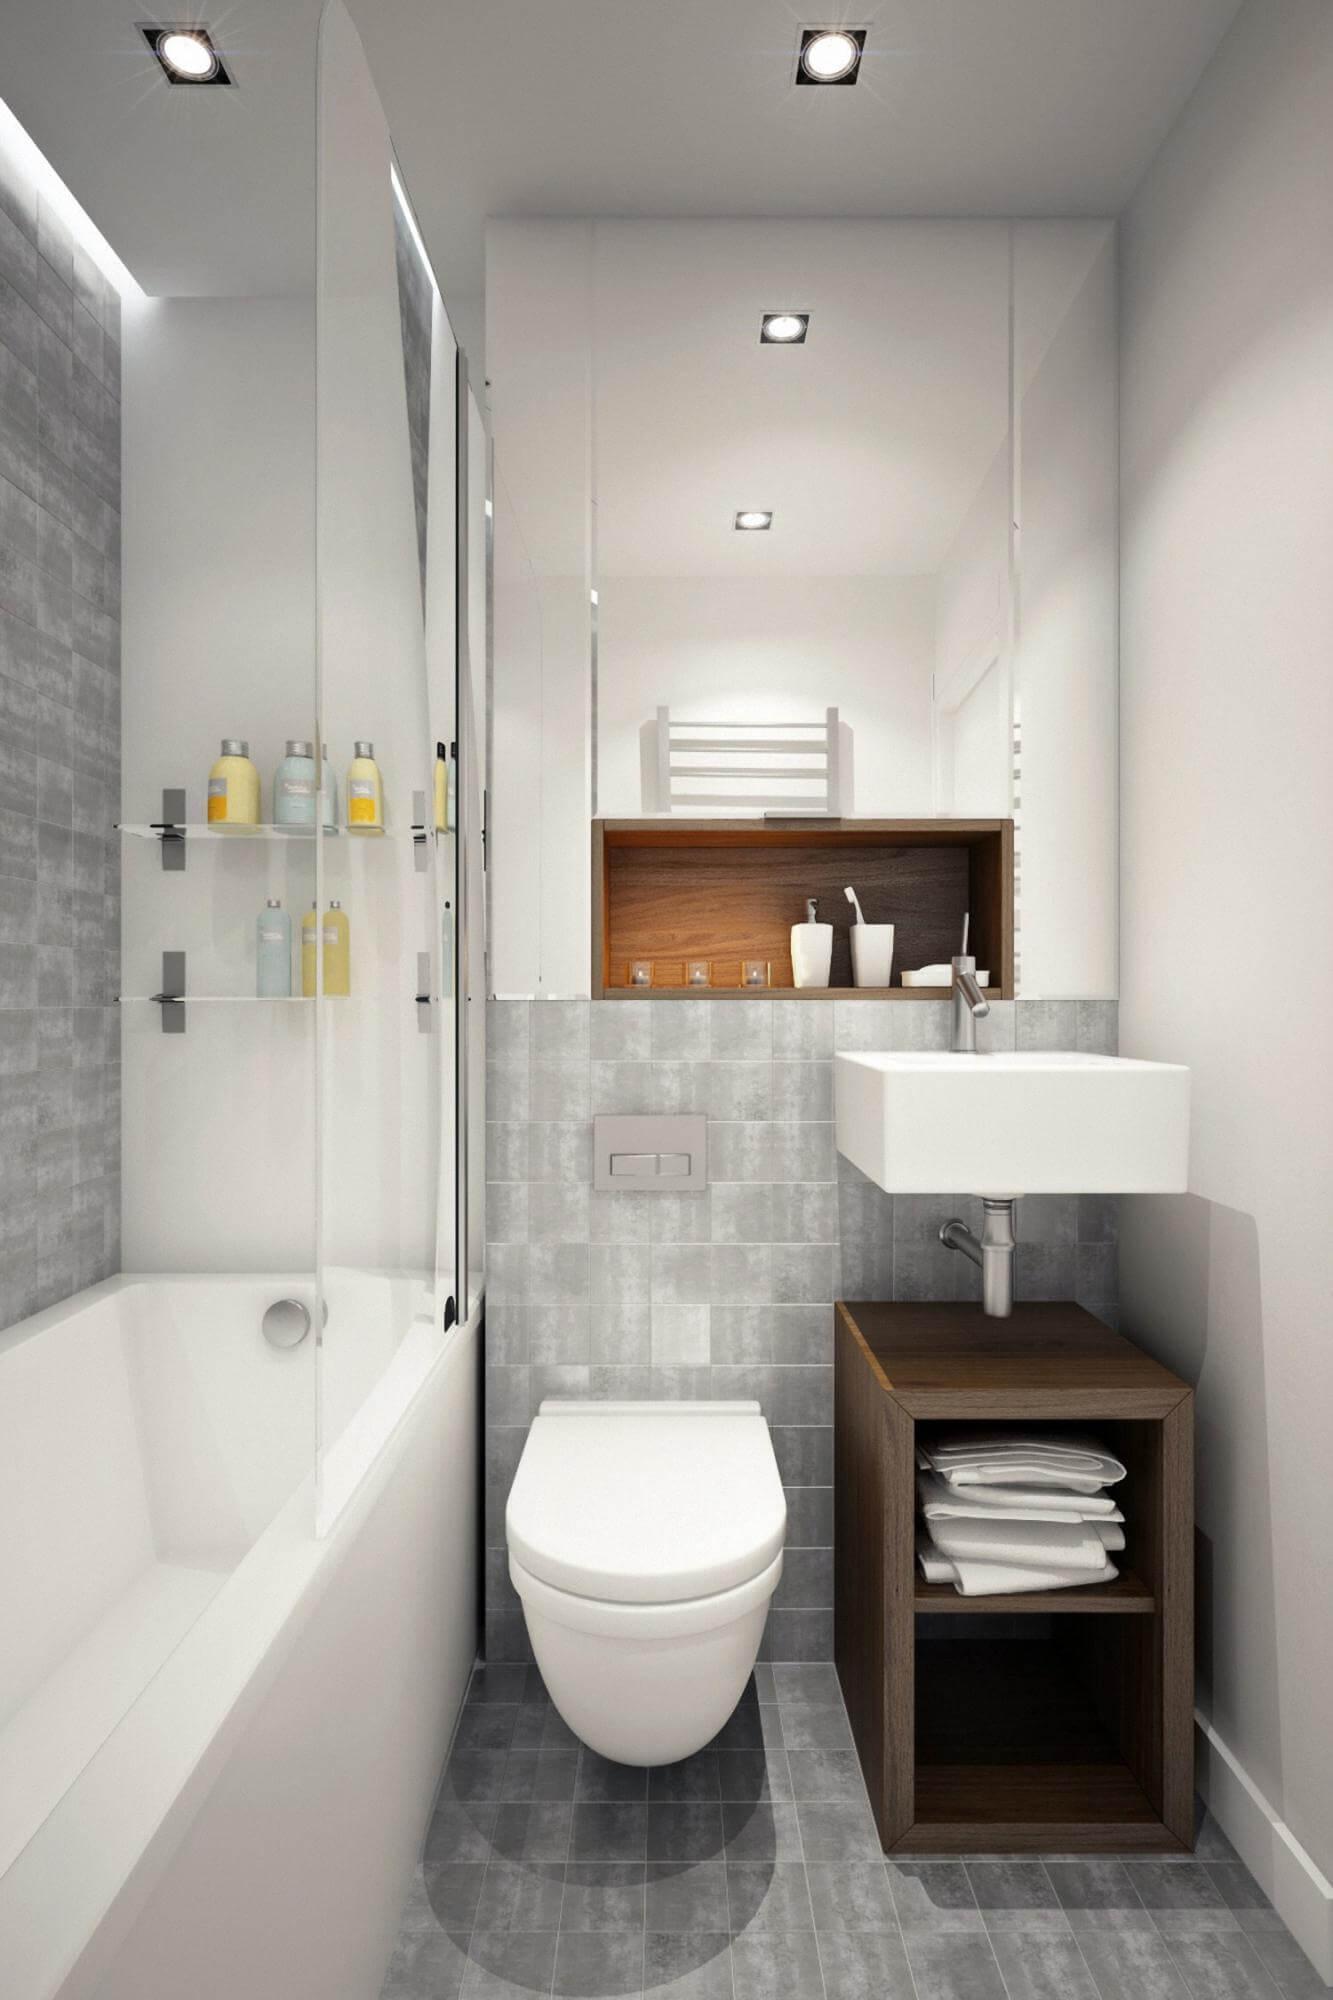 дизайн плитки в маленькой ванной